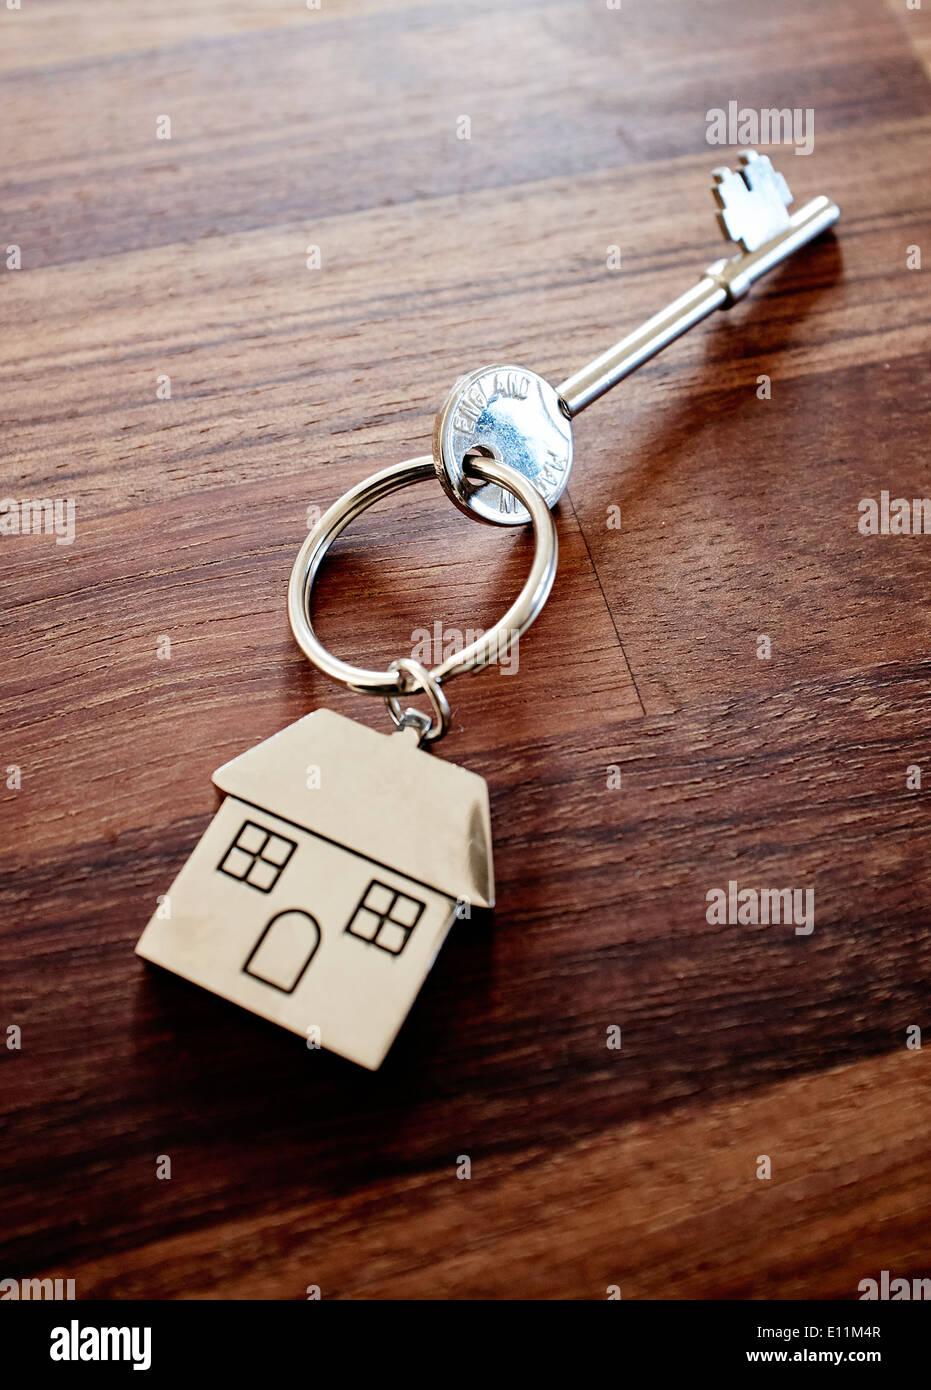 Haus Tasten auf einem dunklen Holztisch top - Neue home Schlüssel - Schlüssel - Schlüssel für die Eingangstür Stockfoto